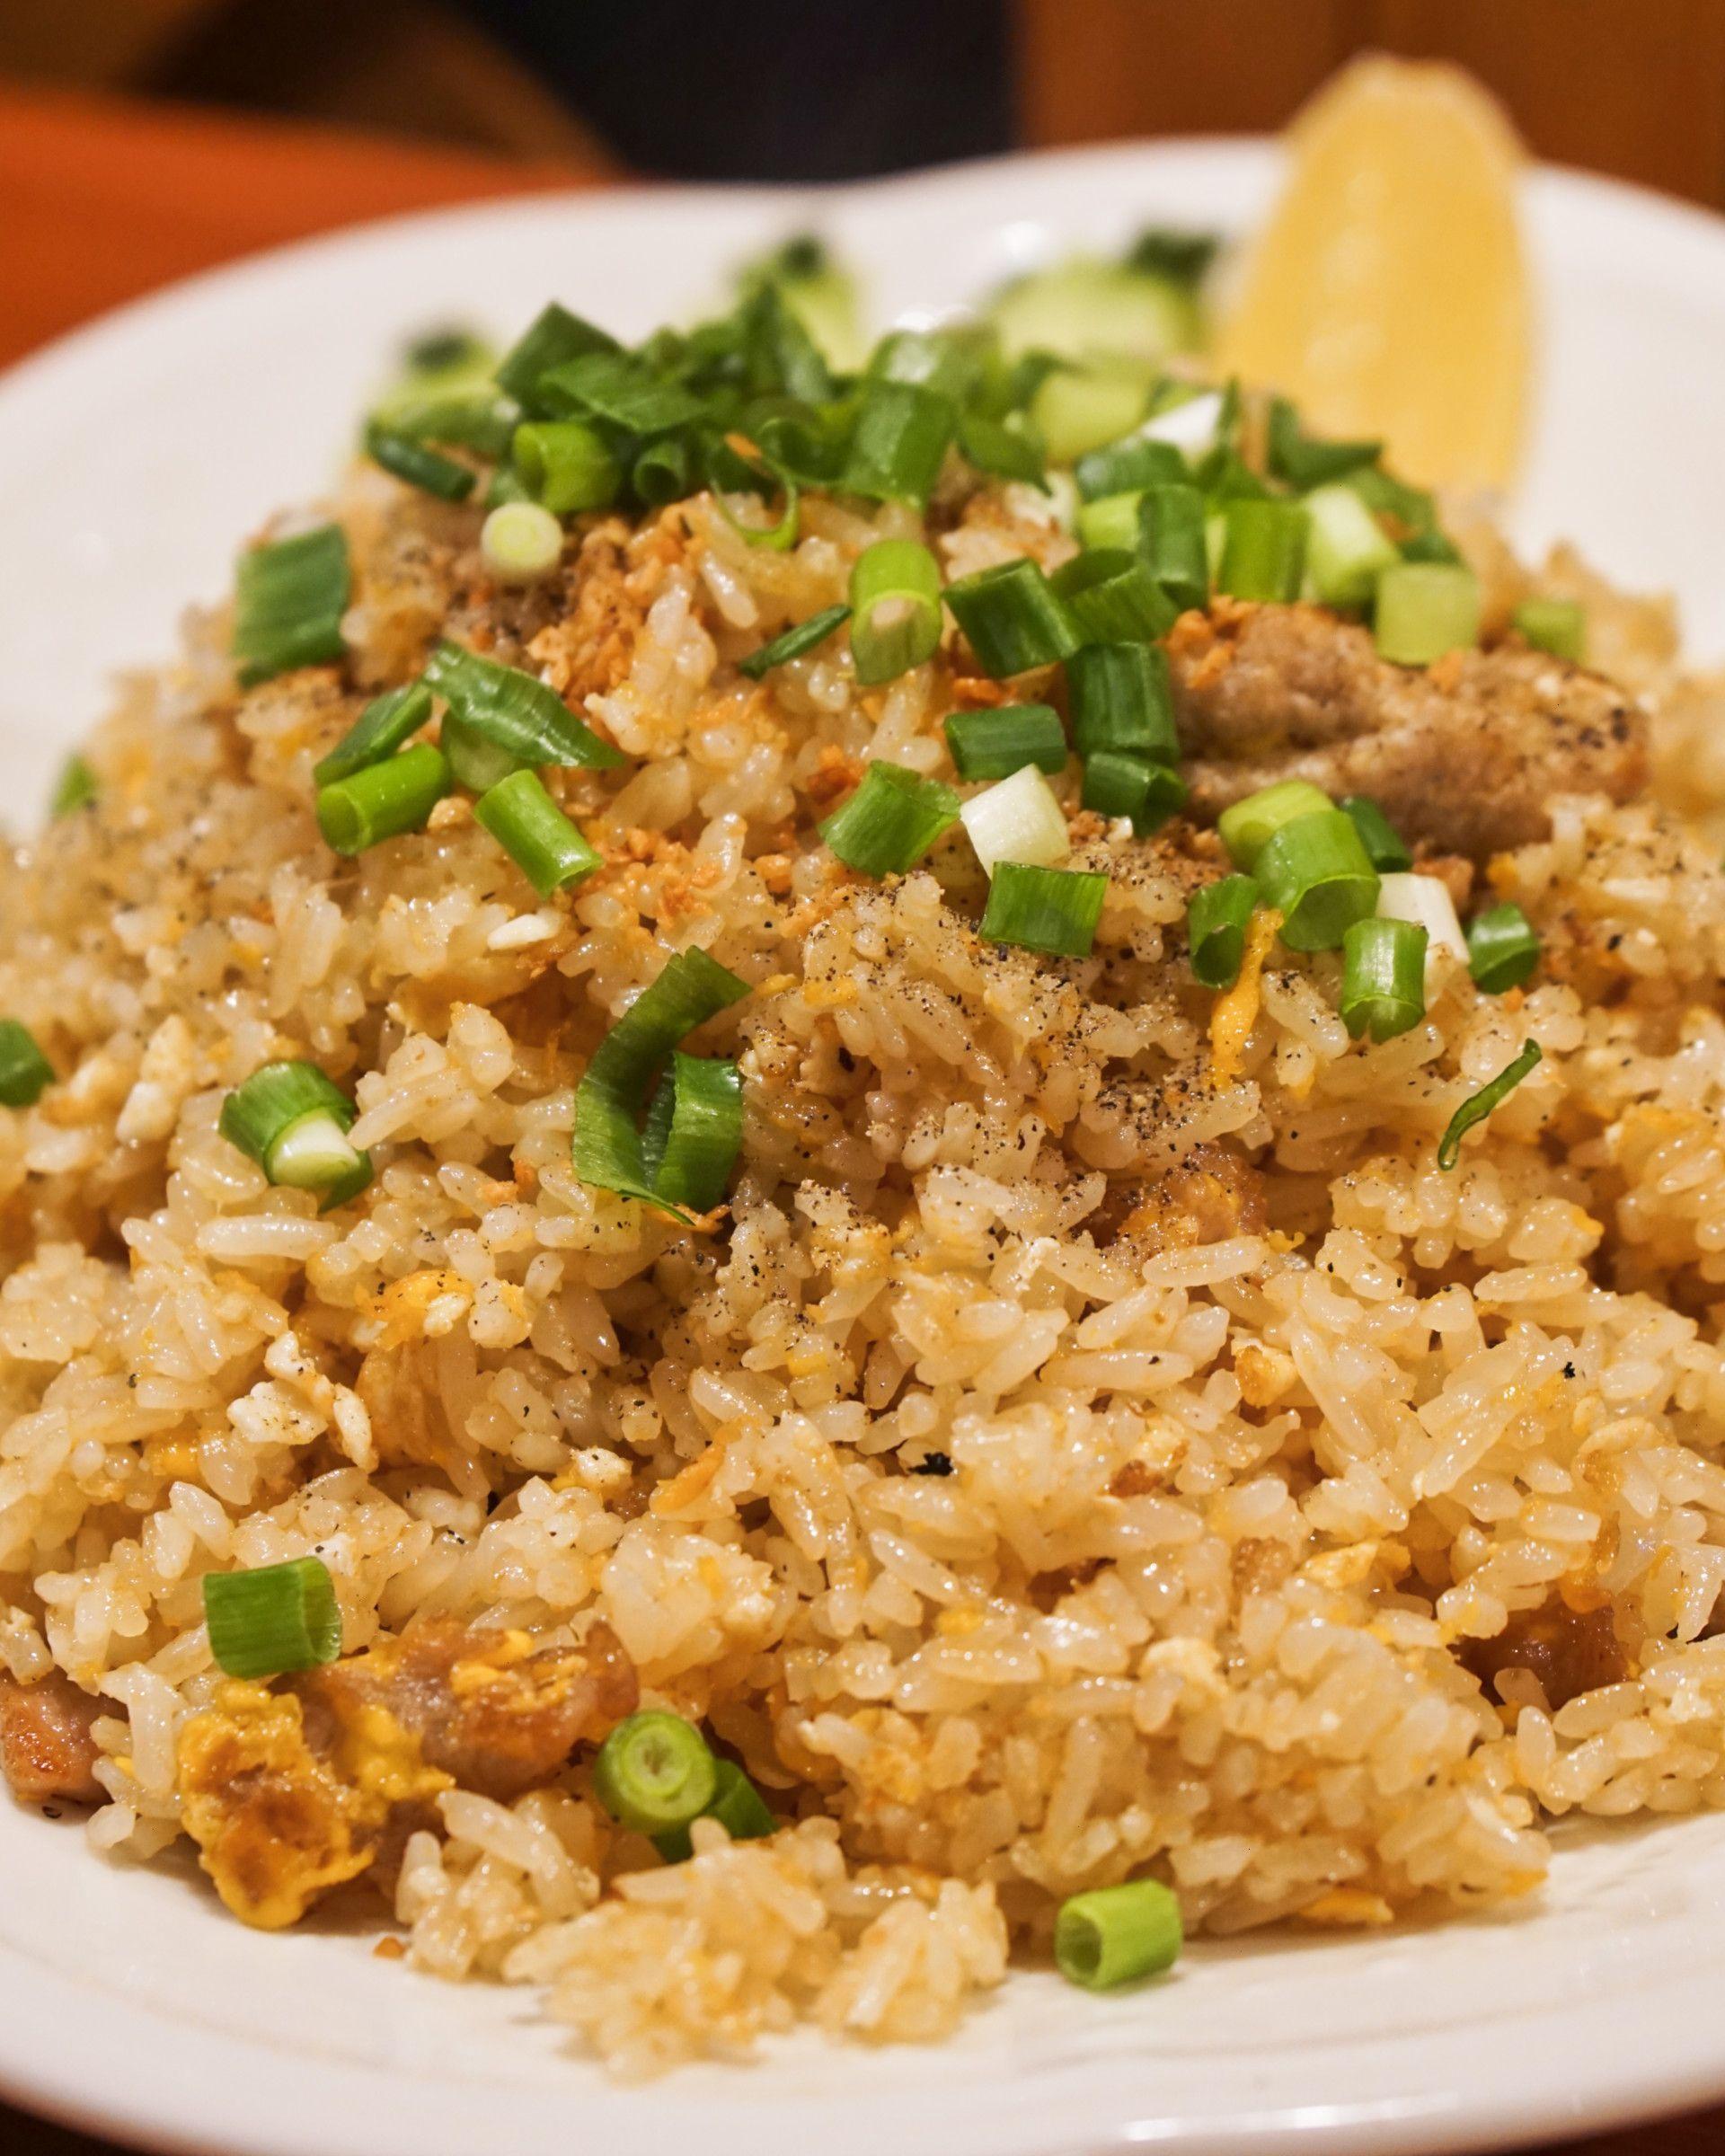 ข าวผ ดหม Khao Pad Moo Fried Rice With Pork อาหารเย น อาหาร อาหารและเคร องด ม